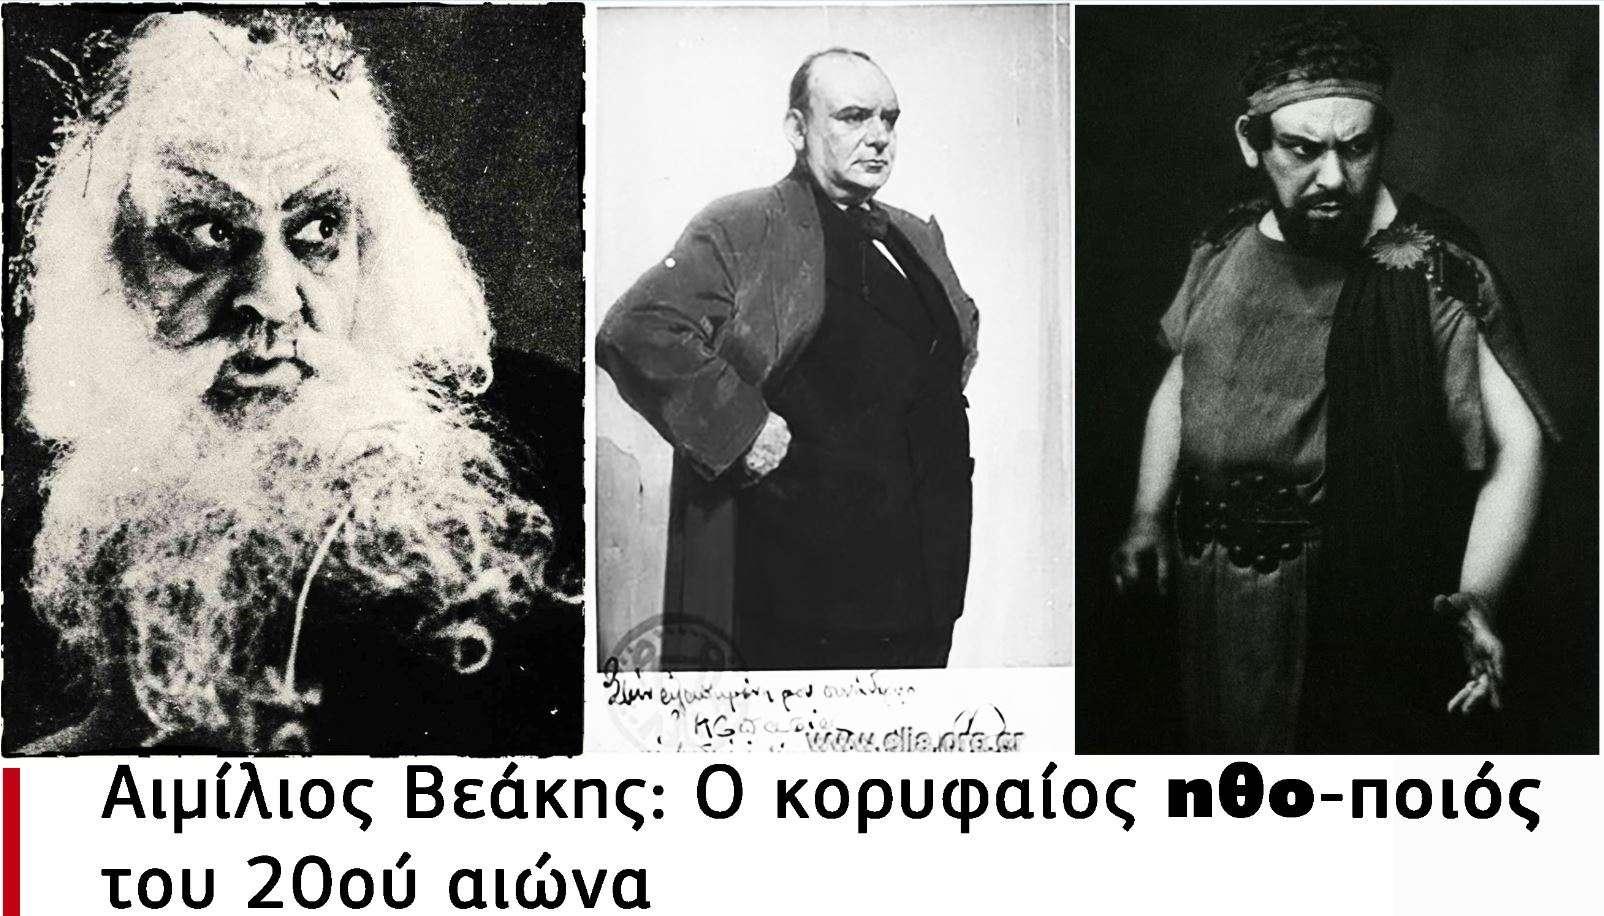 Αιμίλιος Βεάκης